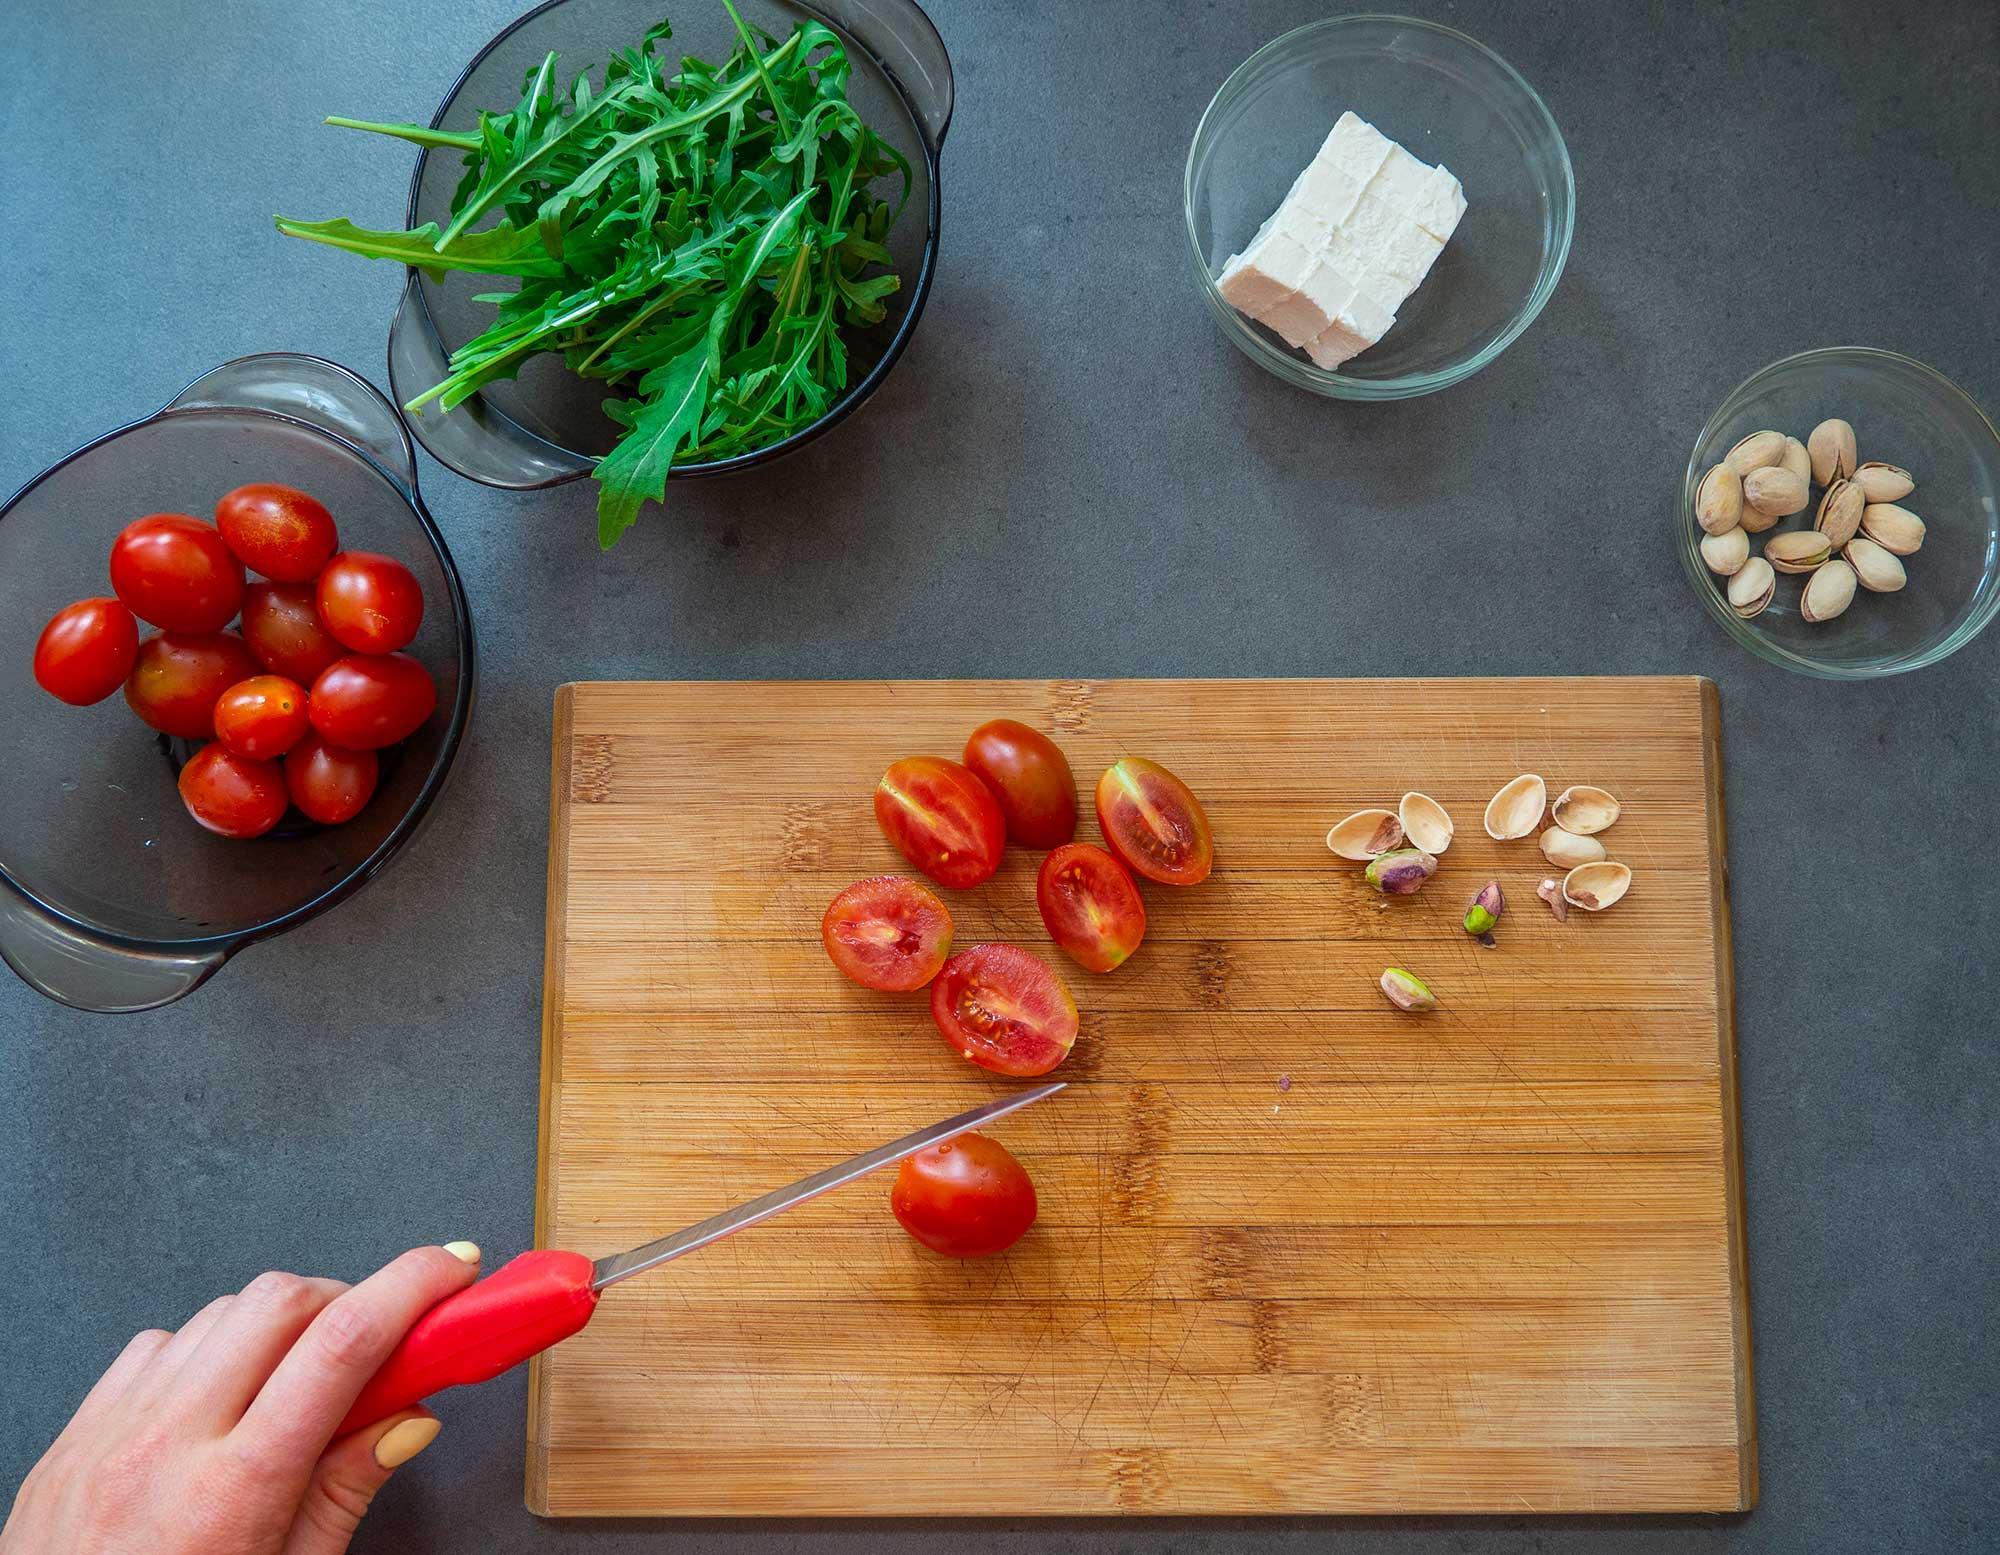 Spinach pasta with chicken preparation